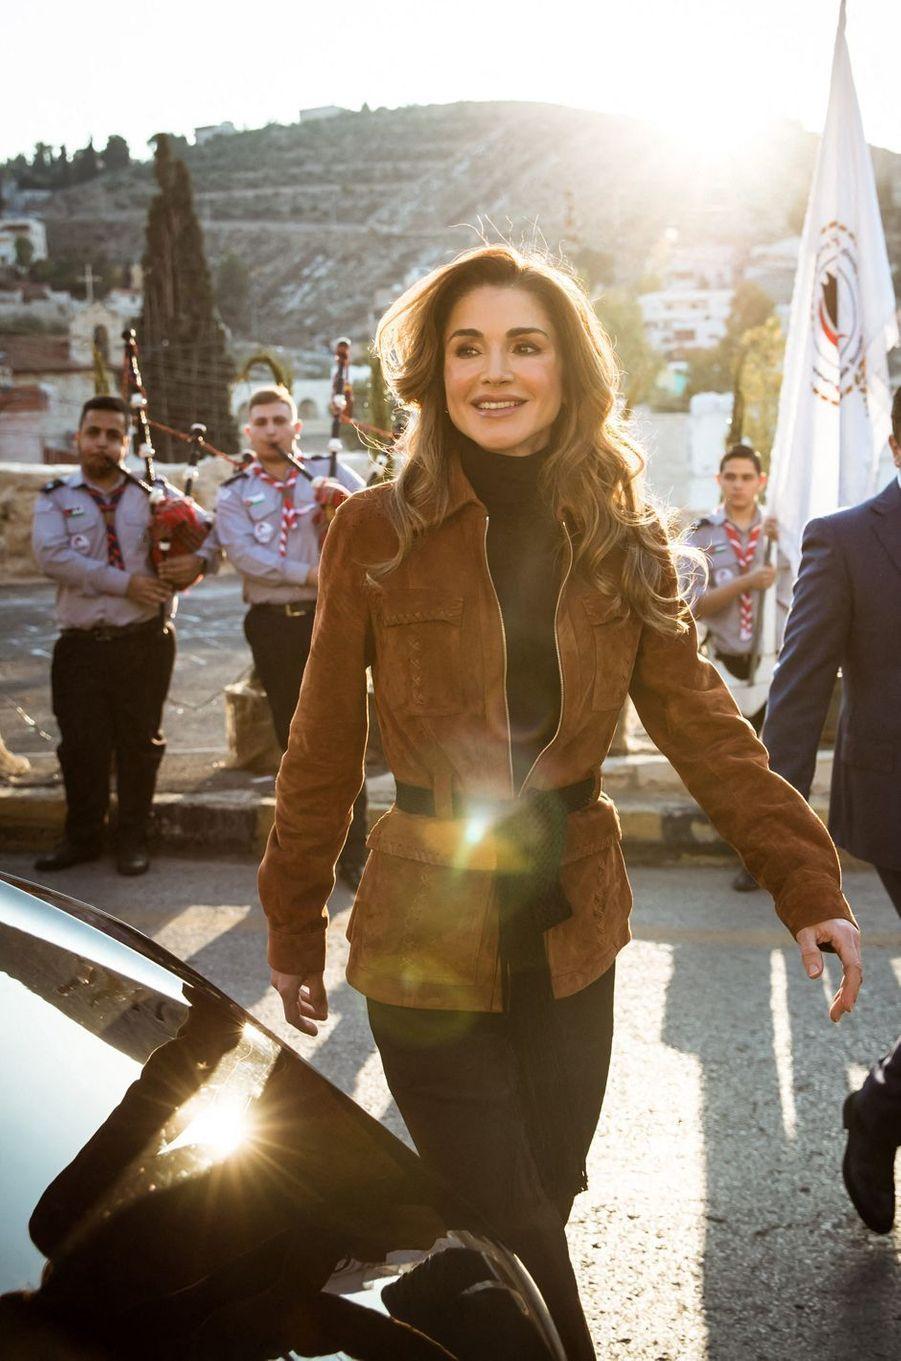 La reine Rania de Jordanie (ici le 18 décembre 2019) va fêter ses 50 ans en 2020